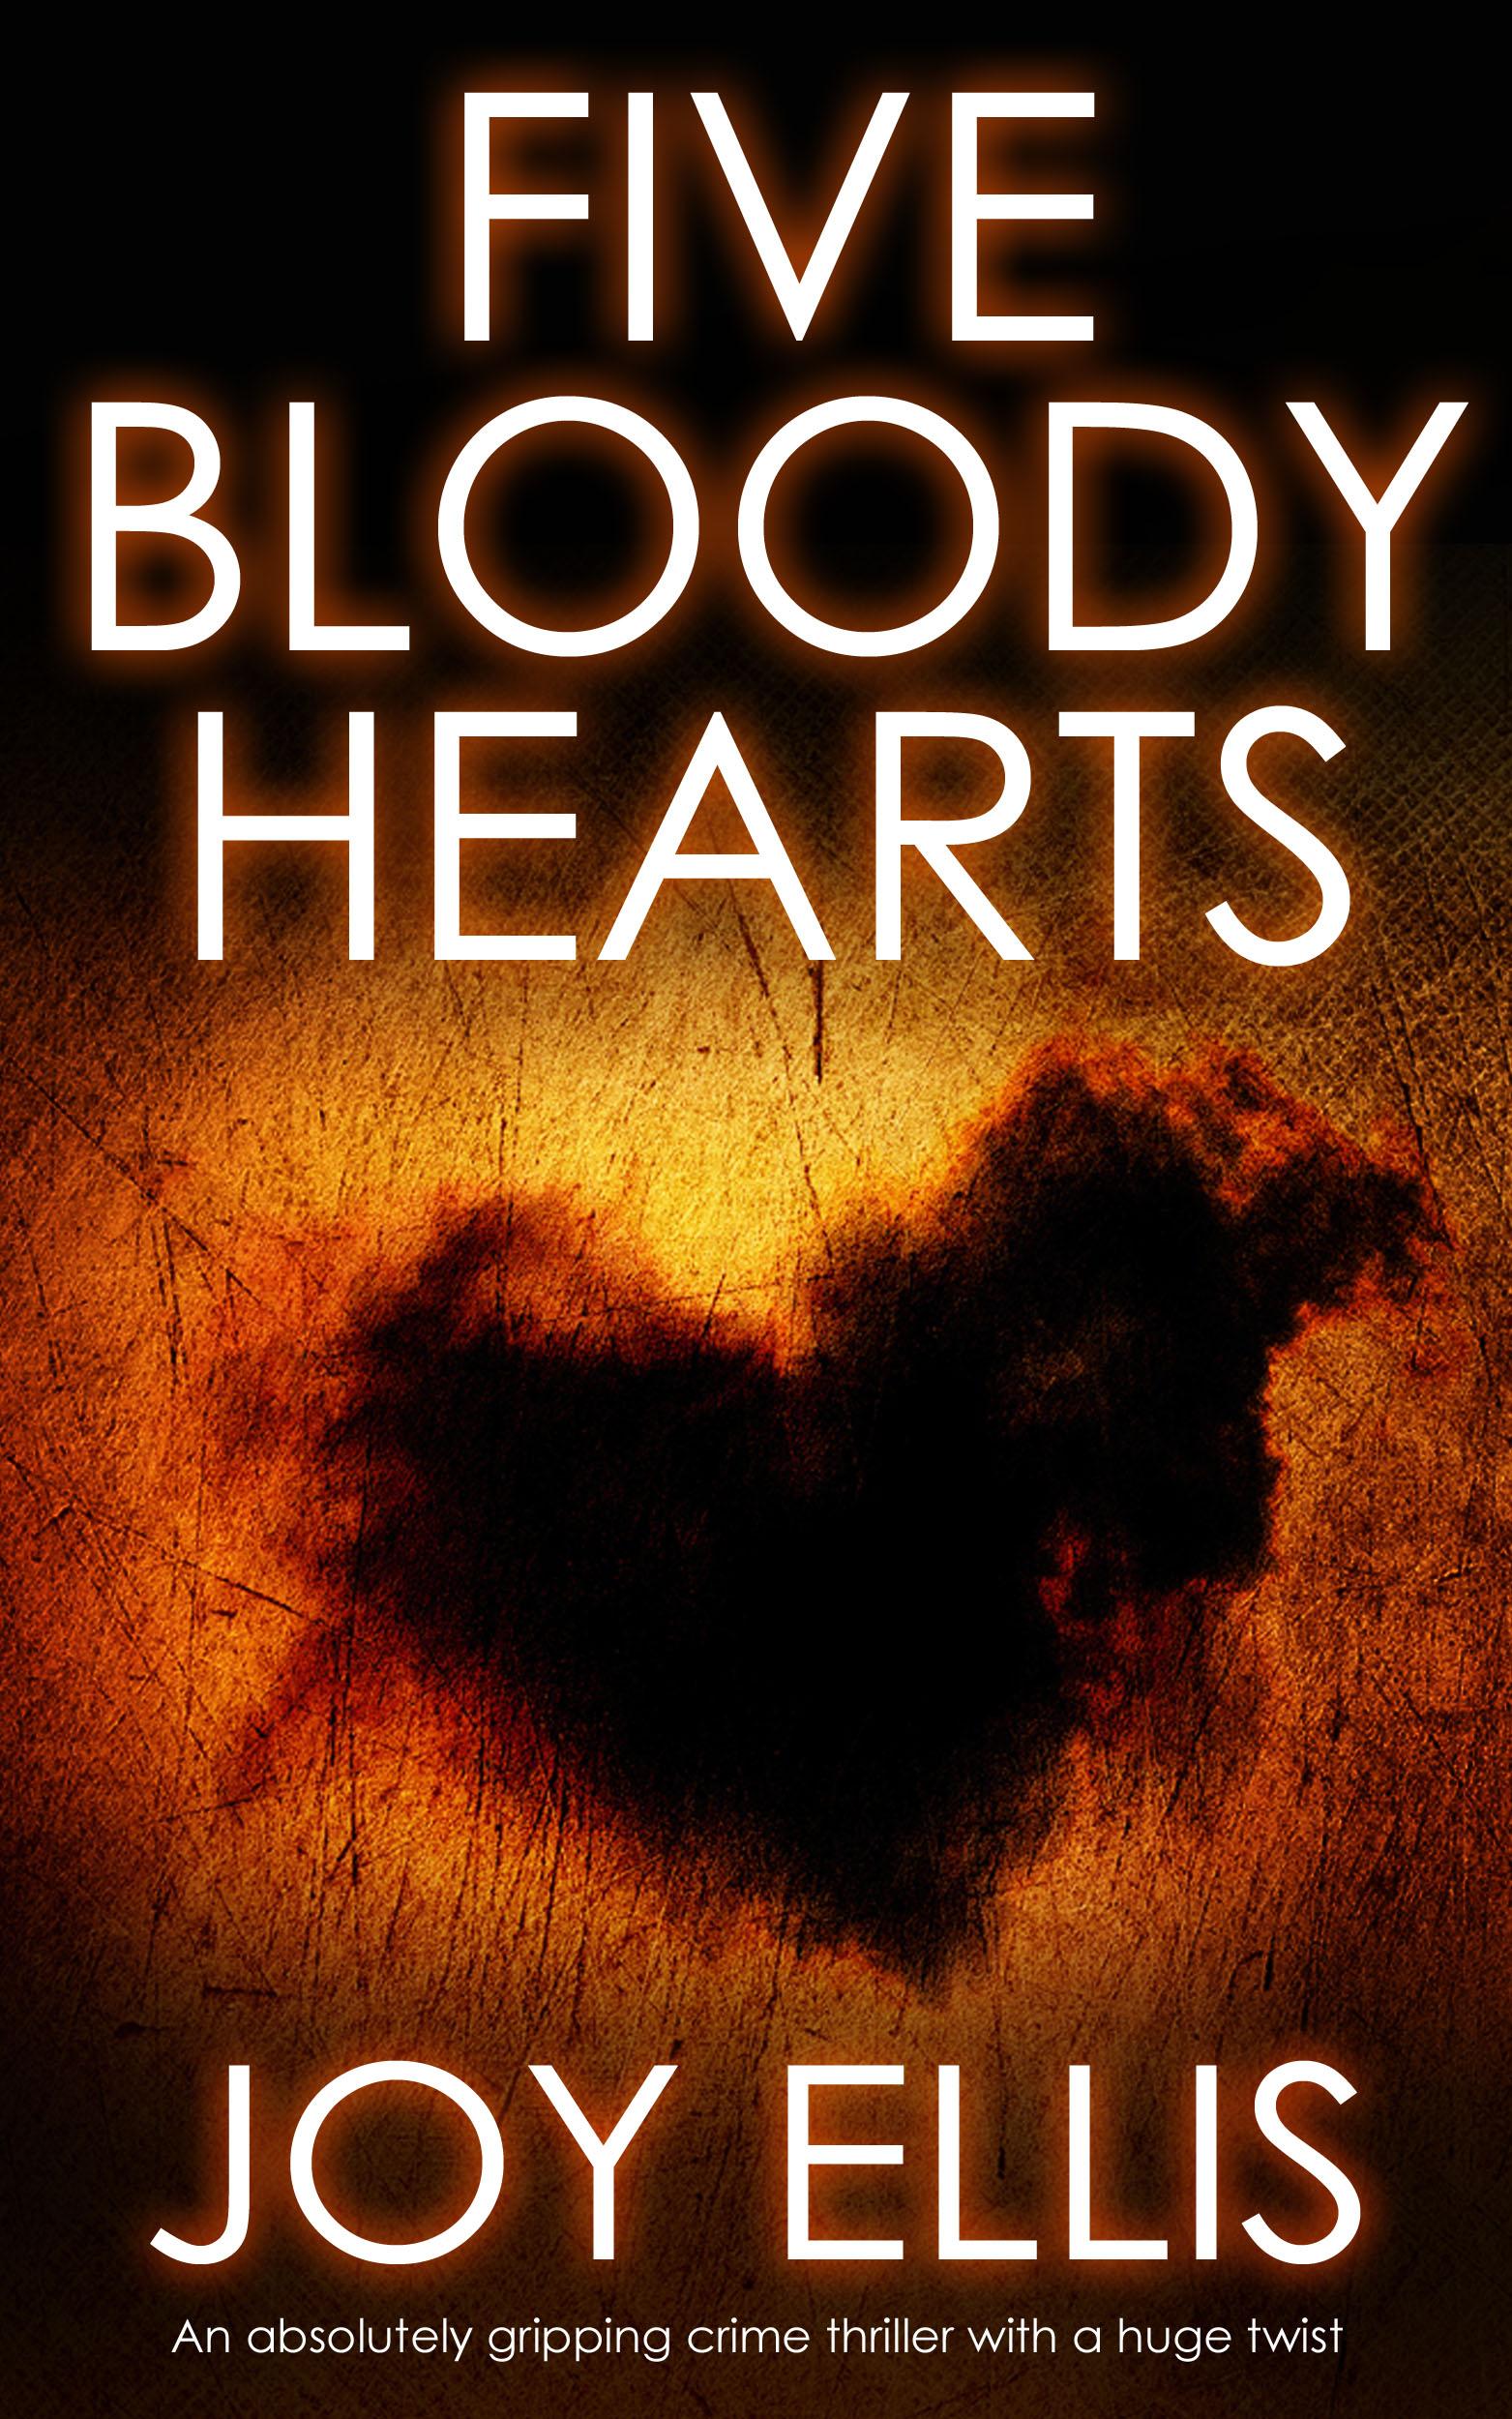 FIVE BLOODY HEARTS.jpg